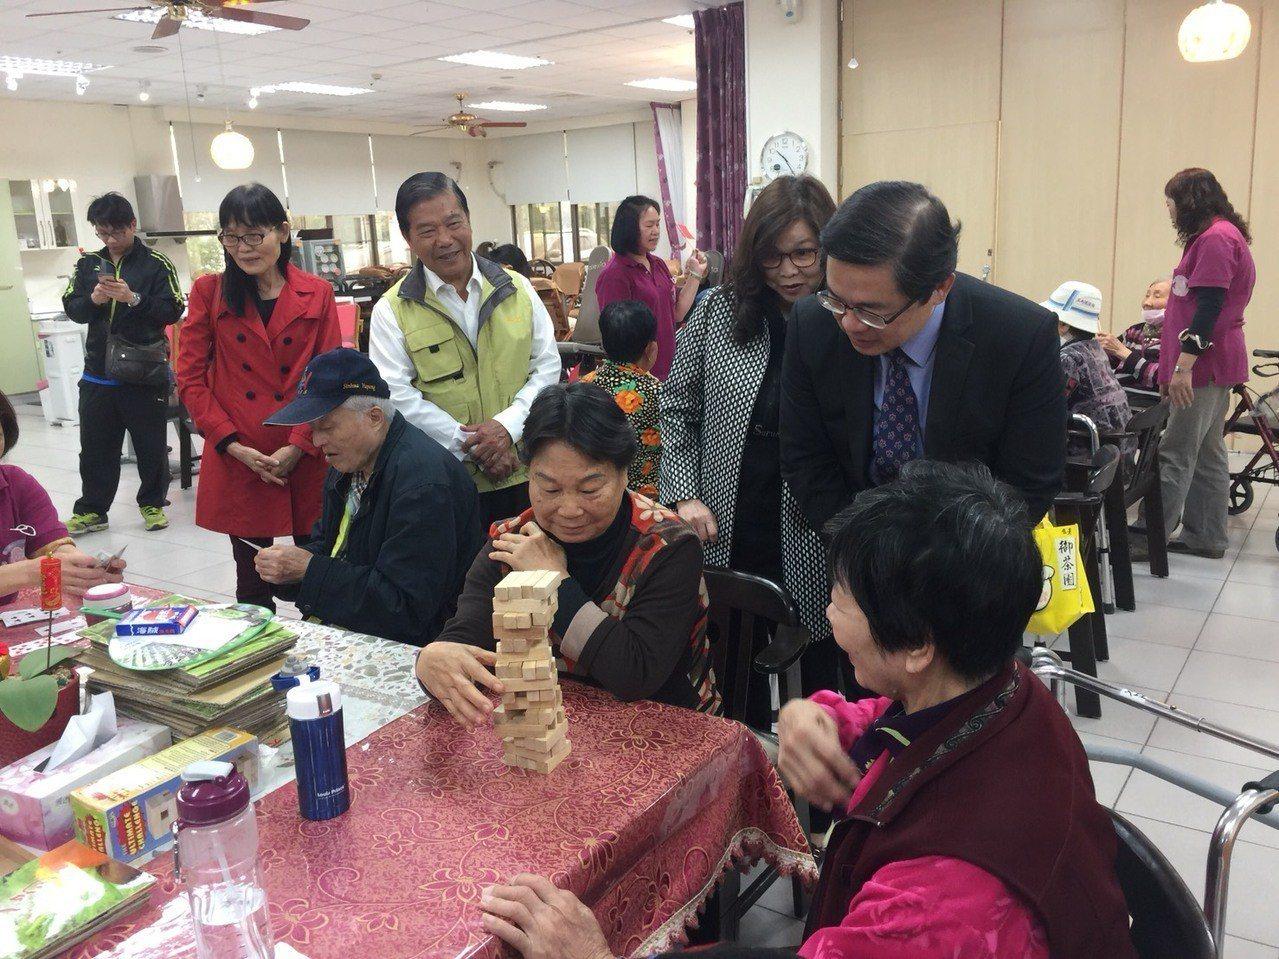 台南市代理市長李孟諺參觀官田老人護中心,向長者們拜年。記者吳政修/攝影